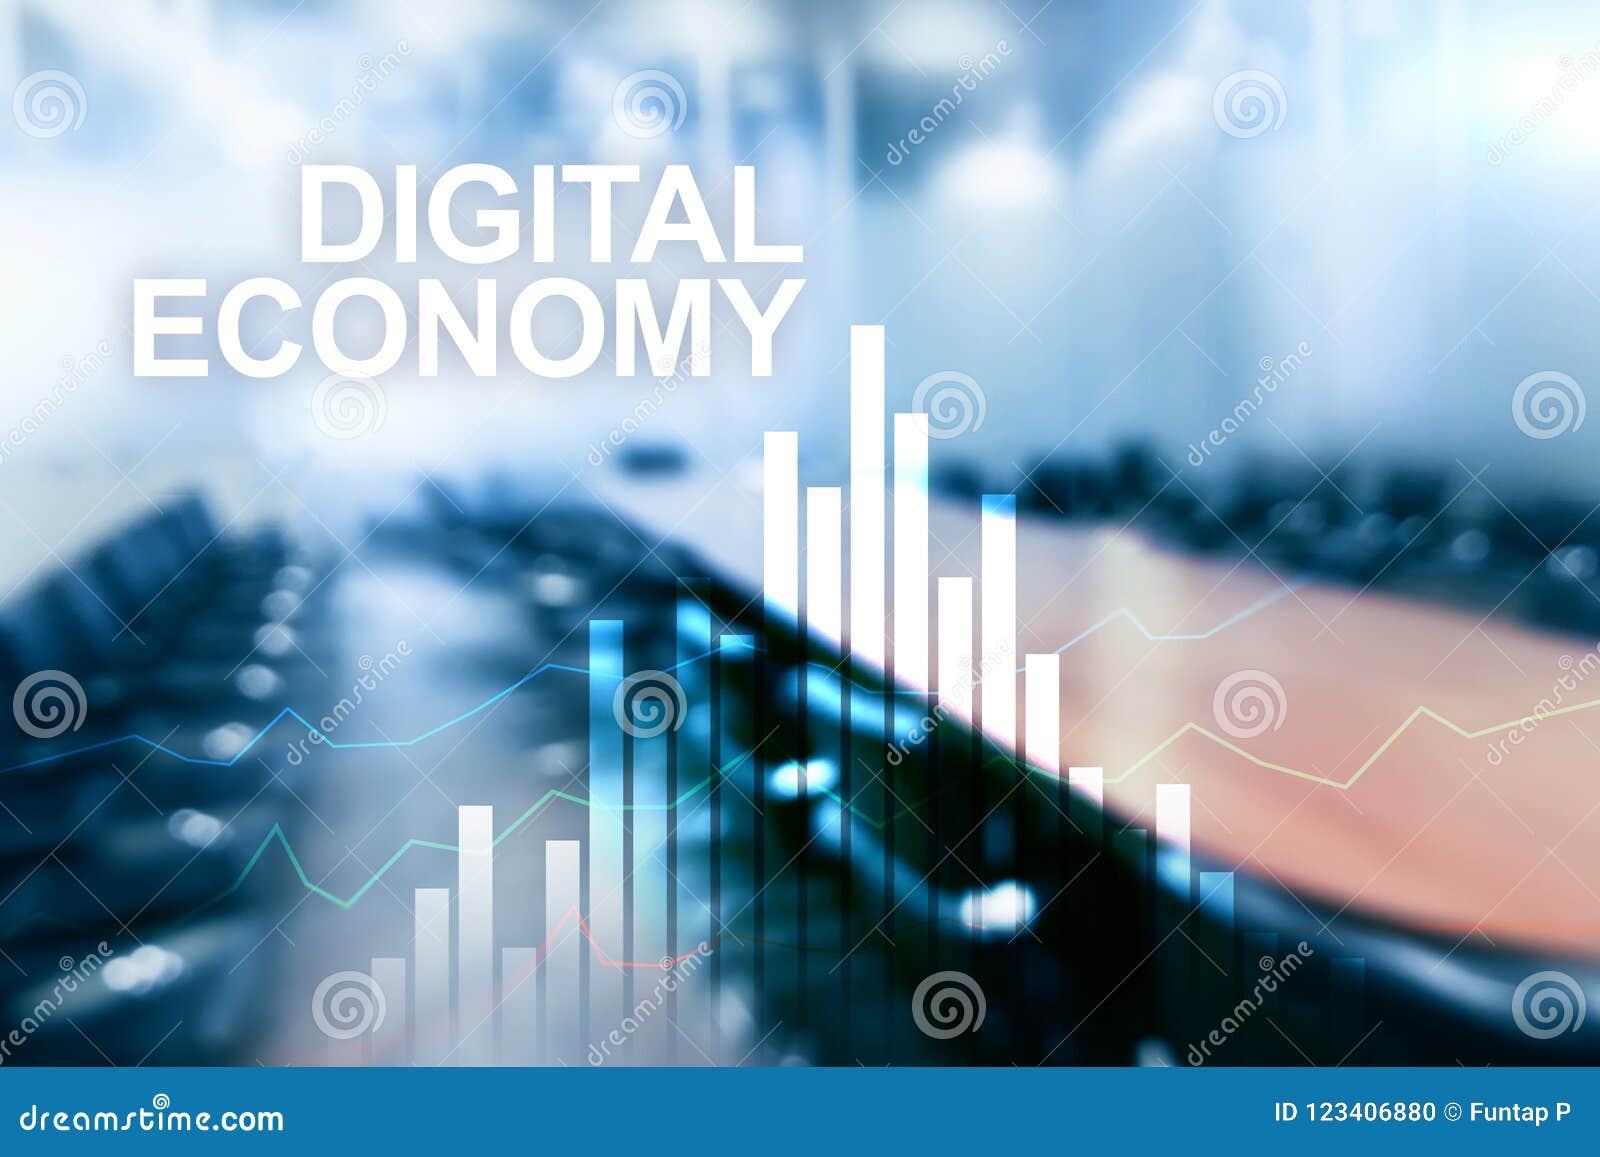 Digital-Wirtschaft, Finanztechnologiekonzept auf unscharfem Hintergrund